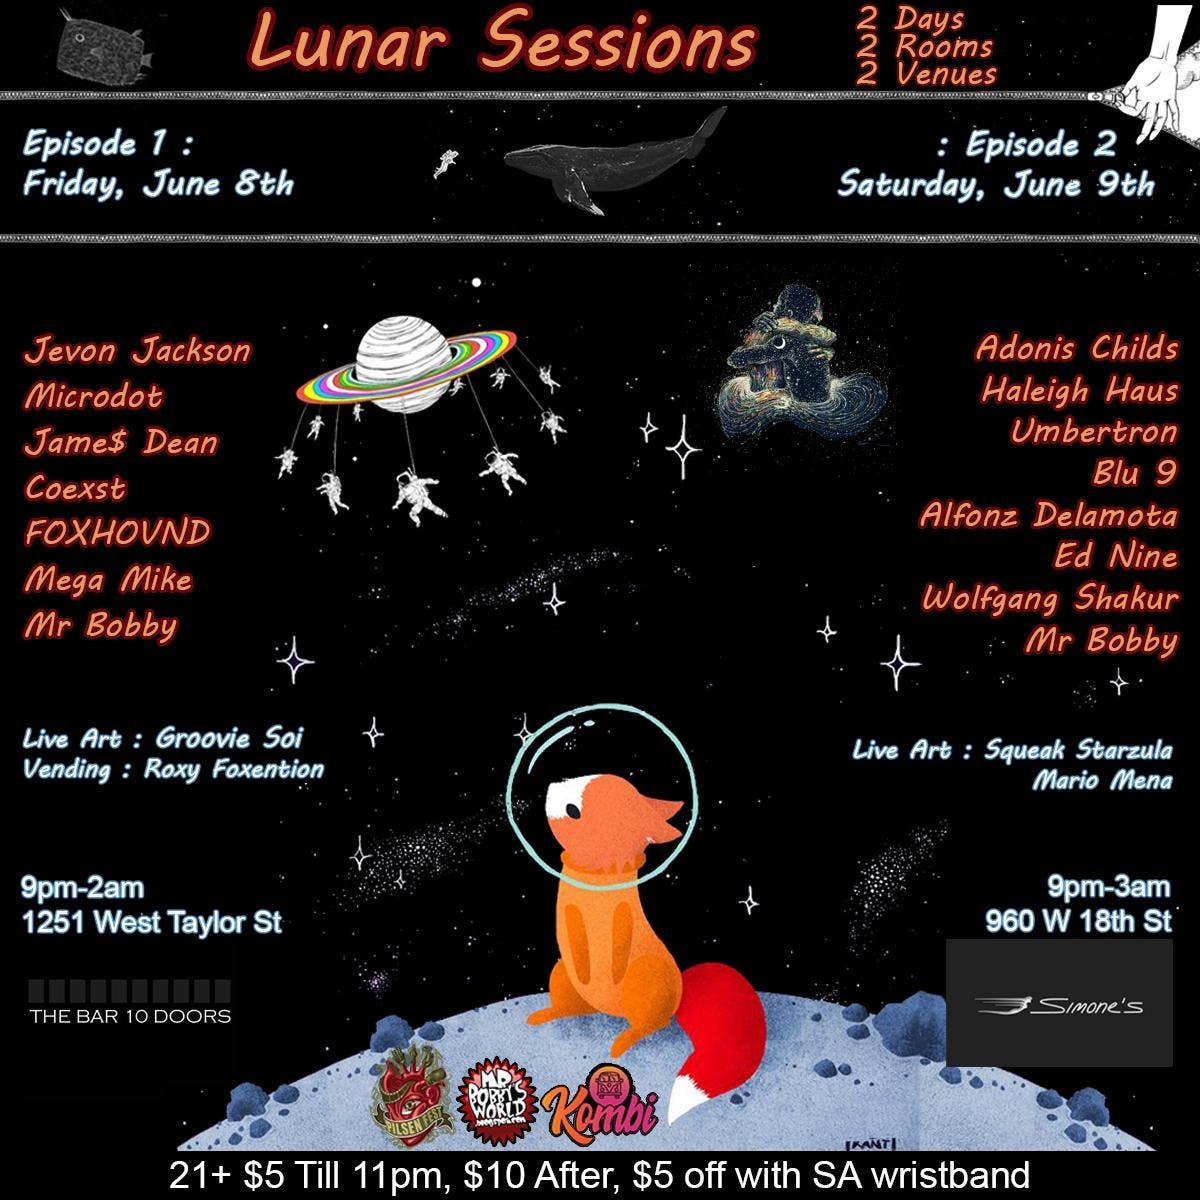 Lunar Sessions Episode 2